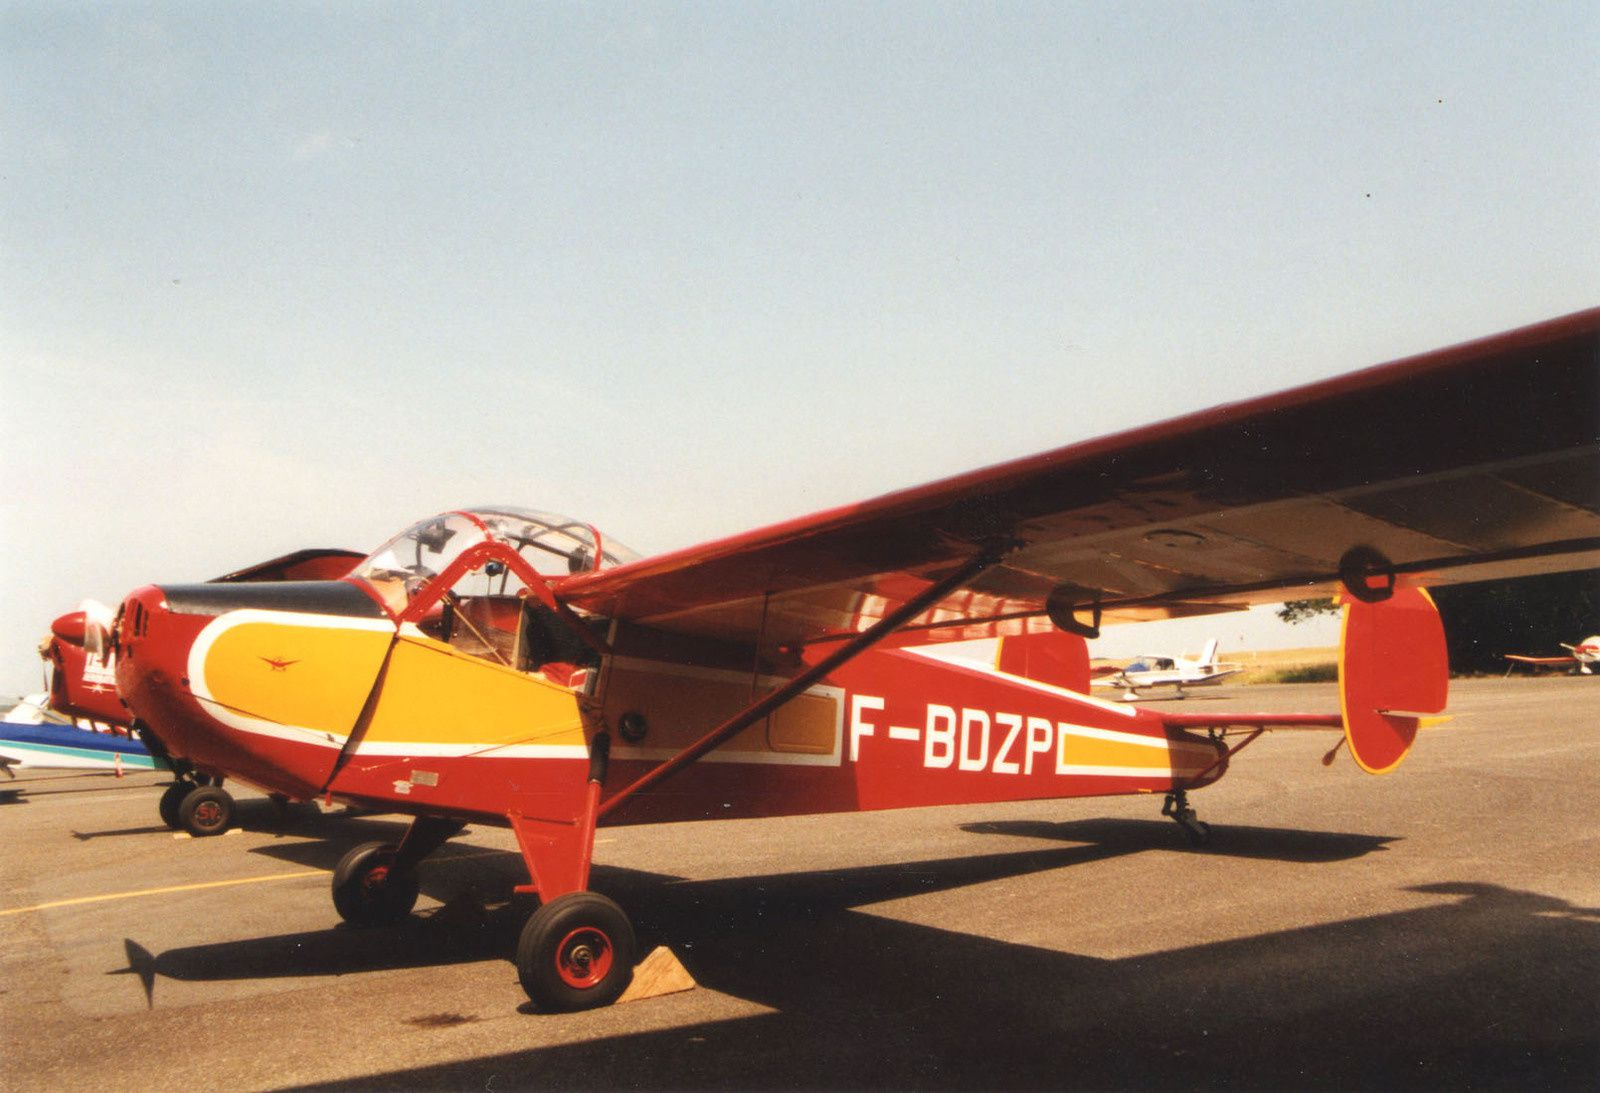 Le NC-858S N°6 F-BDZP du musée d'Angers.